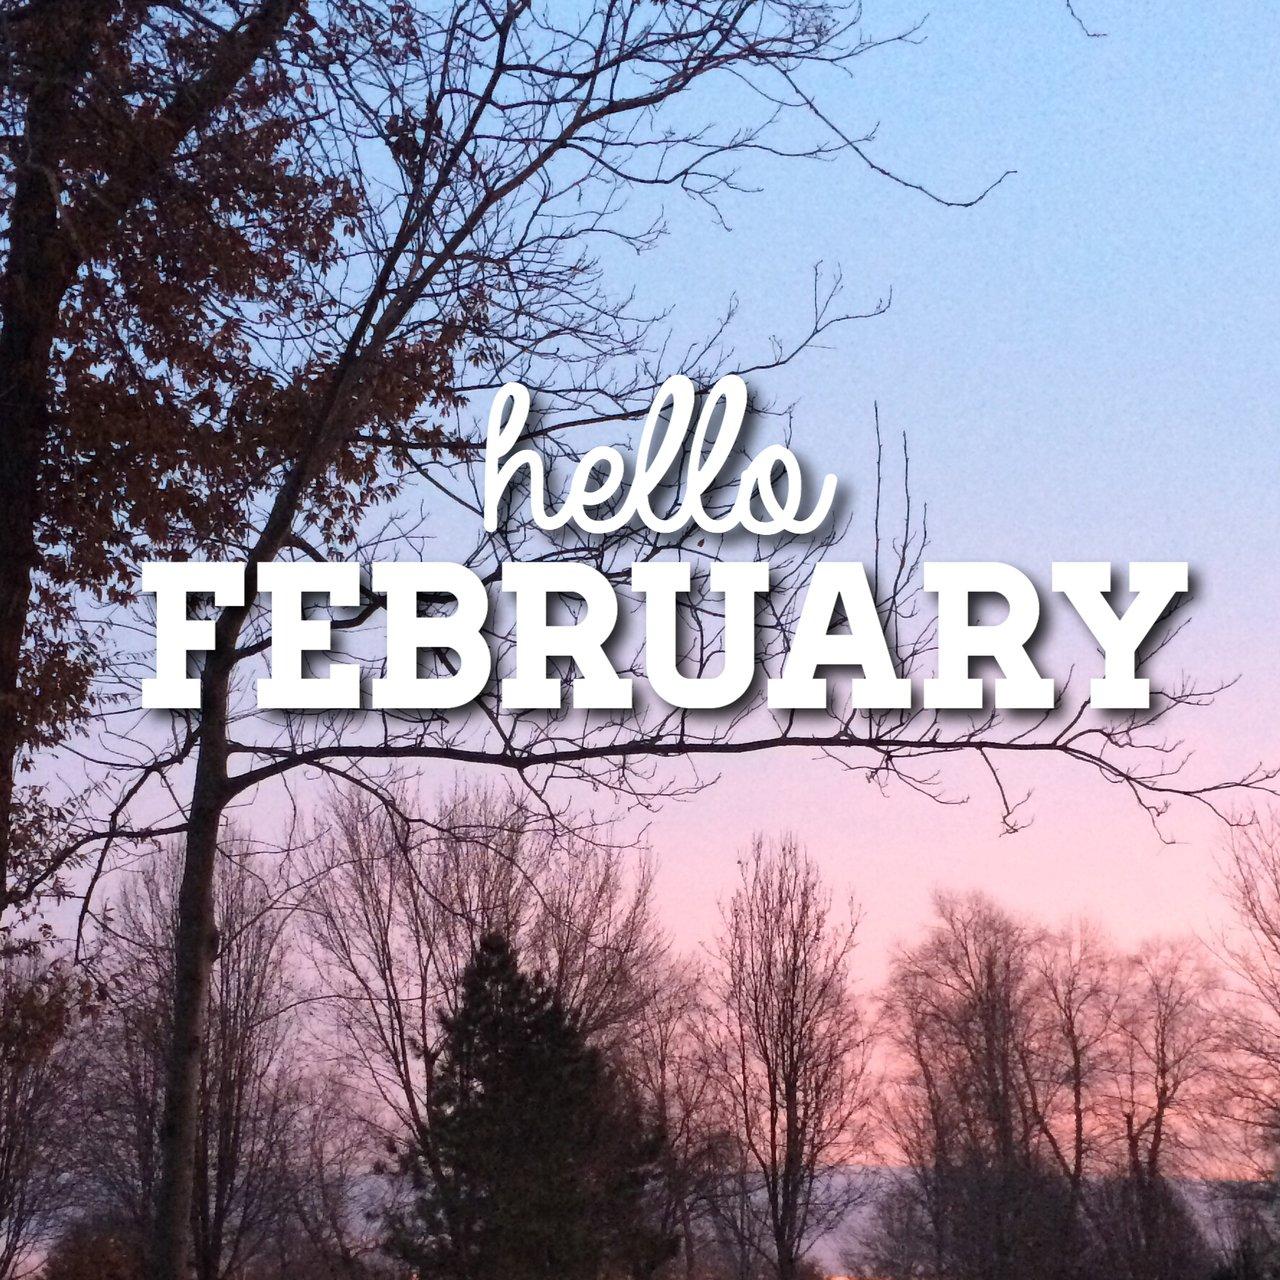 Картинки февраль с надписями